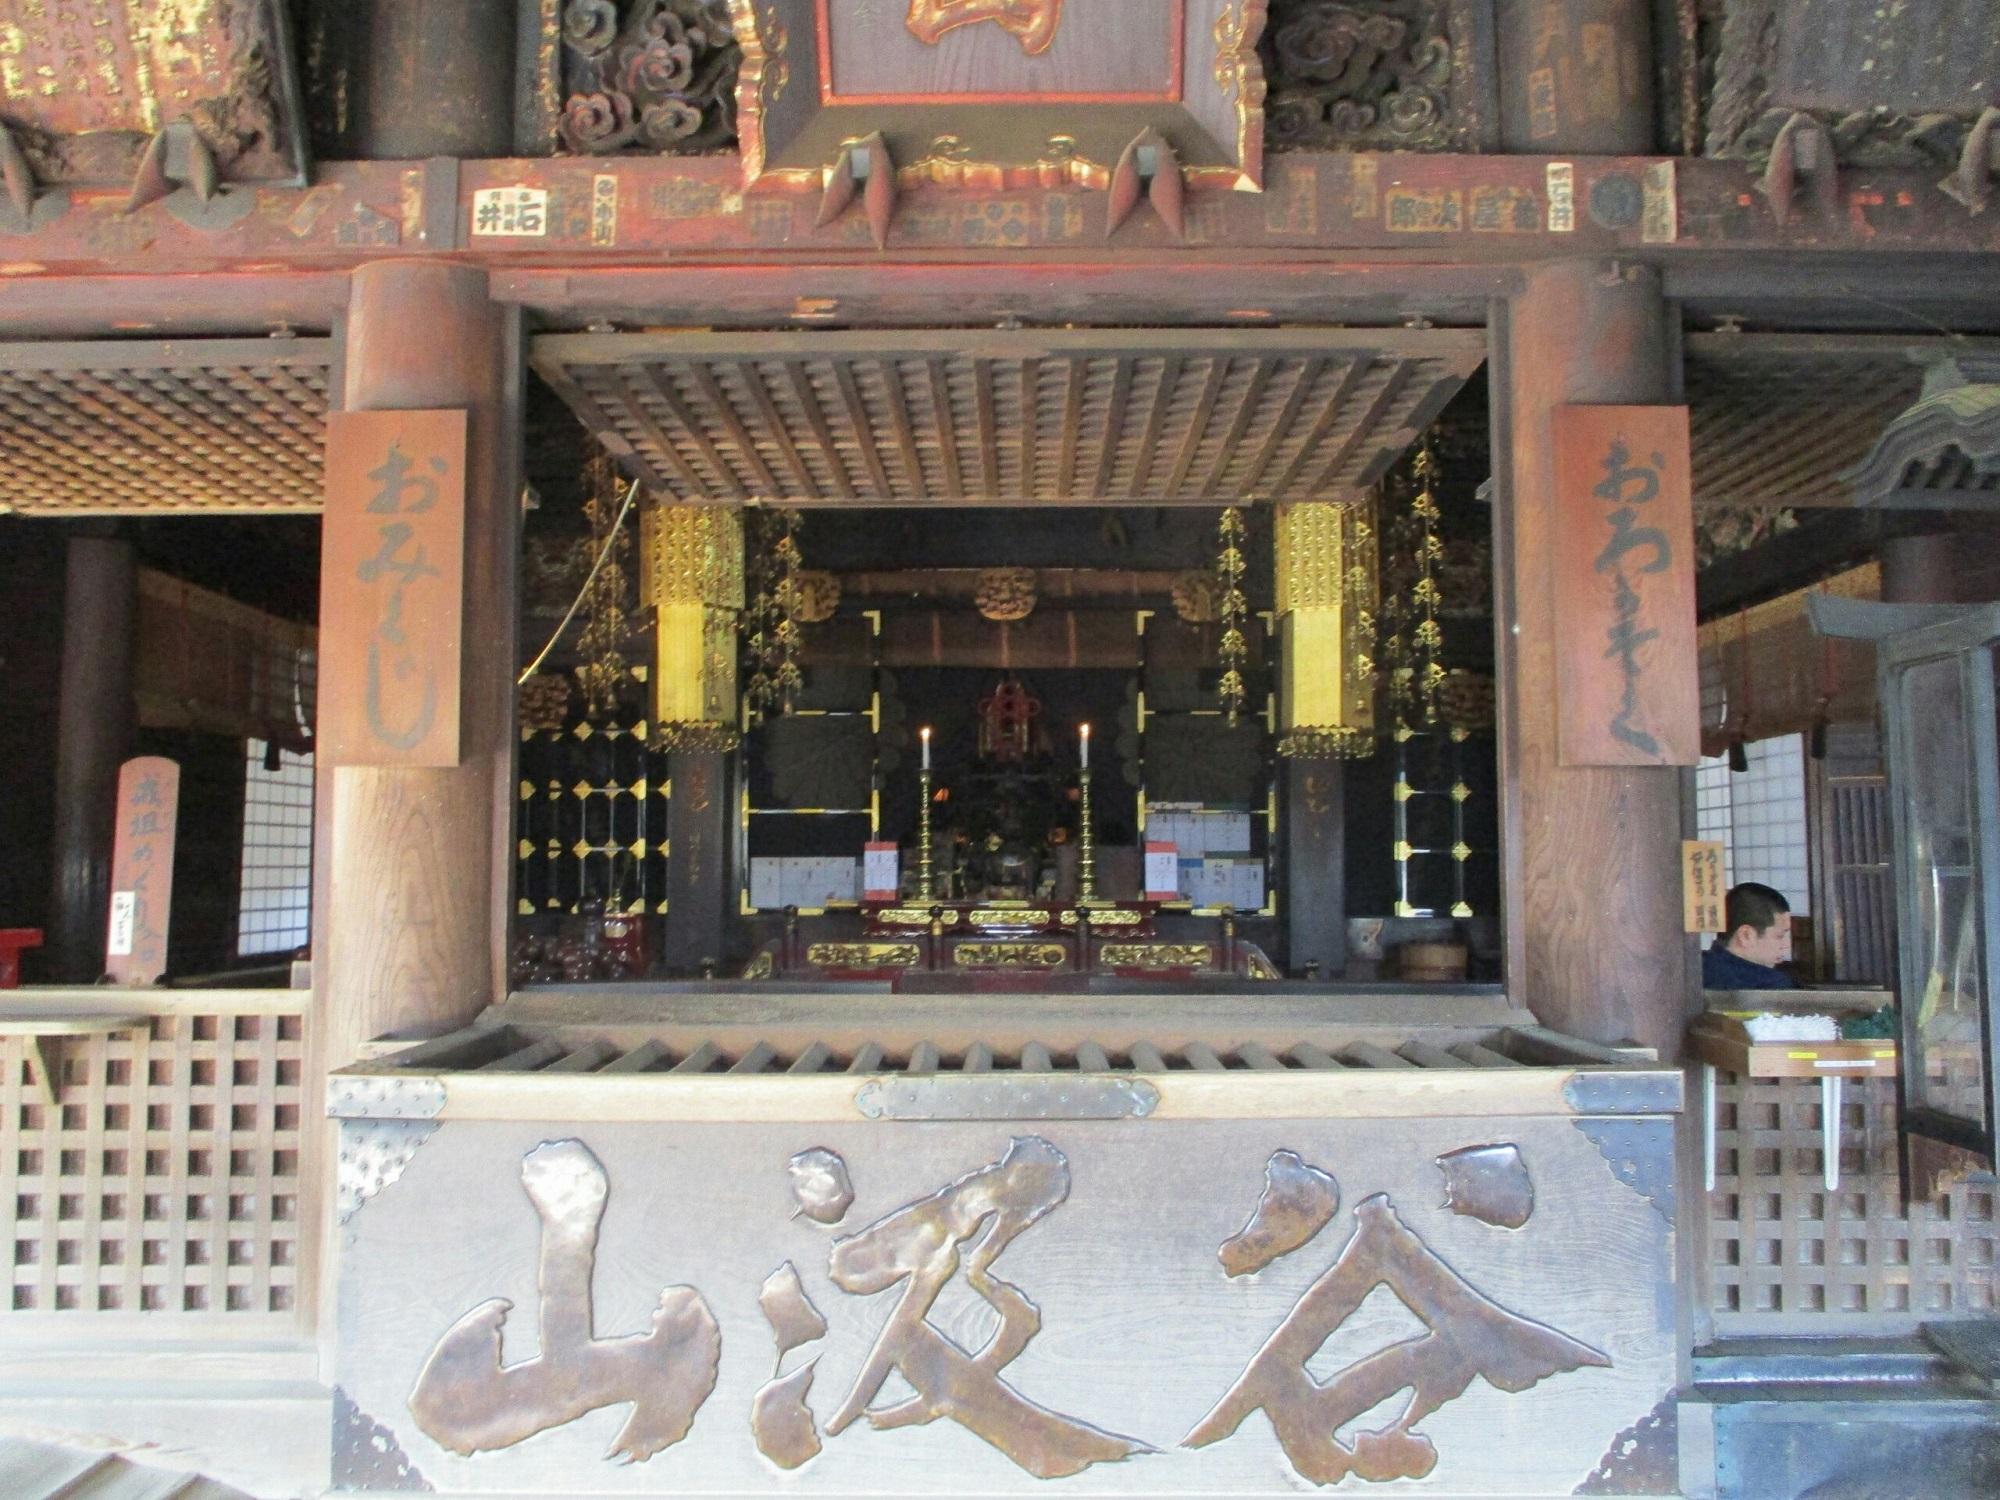 2019.3.1 (162) 谷汲山華厳寺 - ご本尊 2000-1500